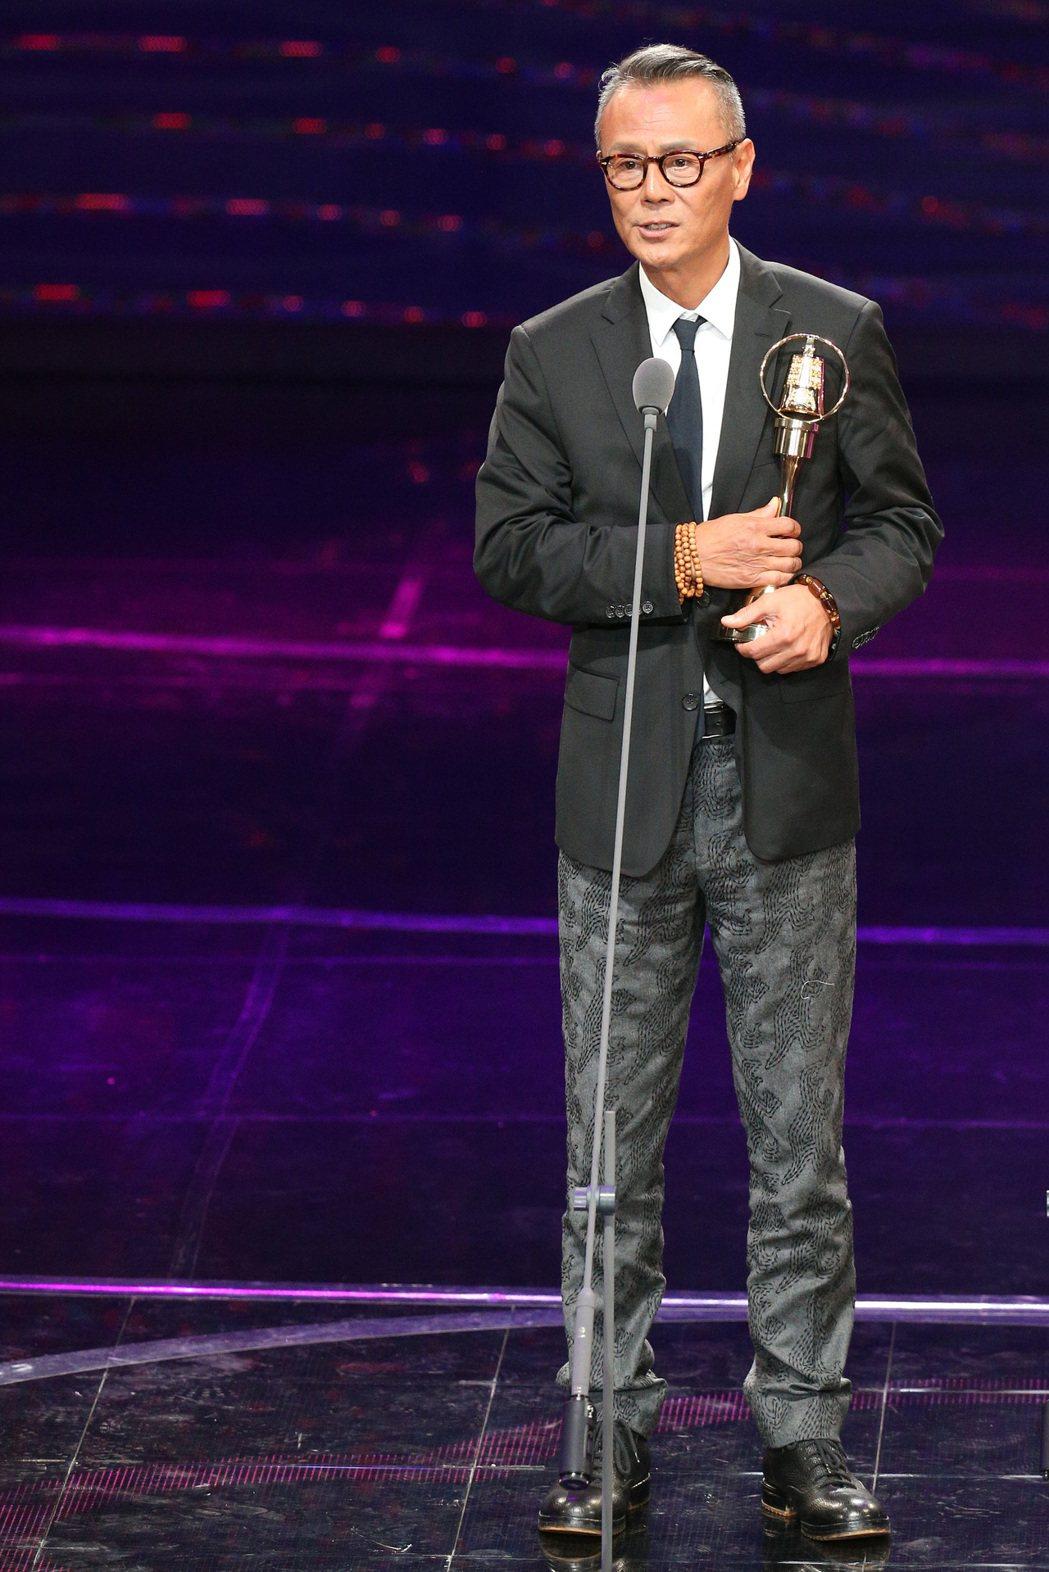 第52屆金鐘獎,劉德凱獲戲劇節目男主角獎。記者林伯東/攝影